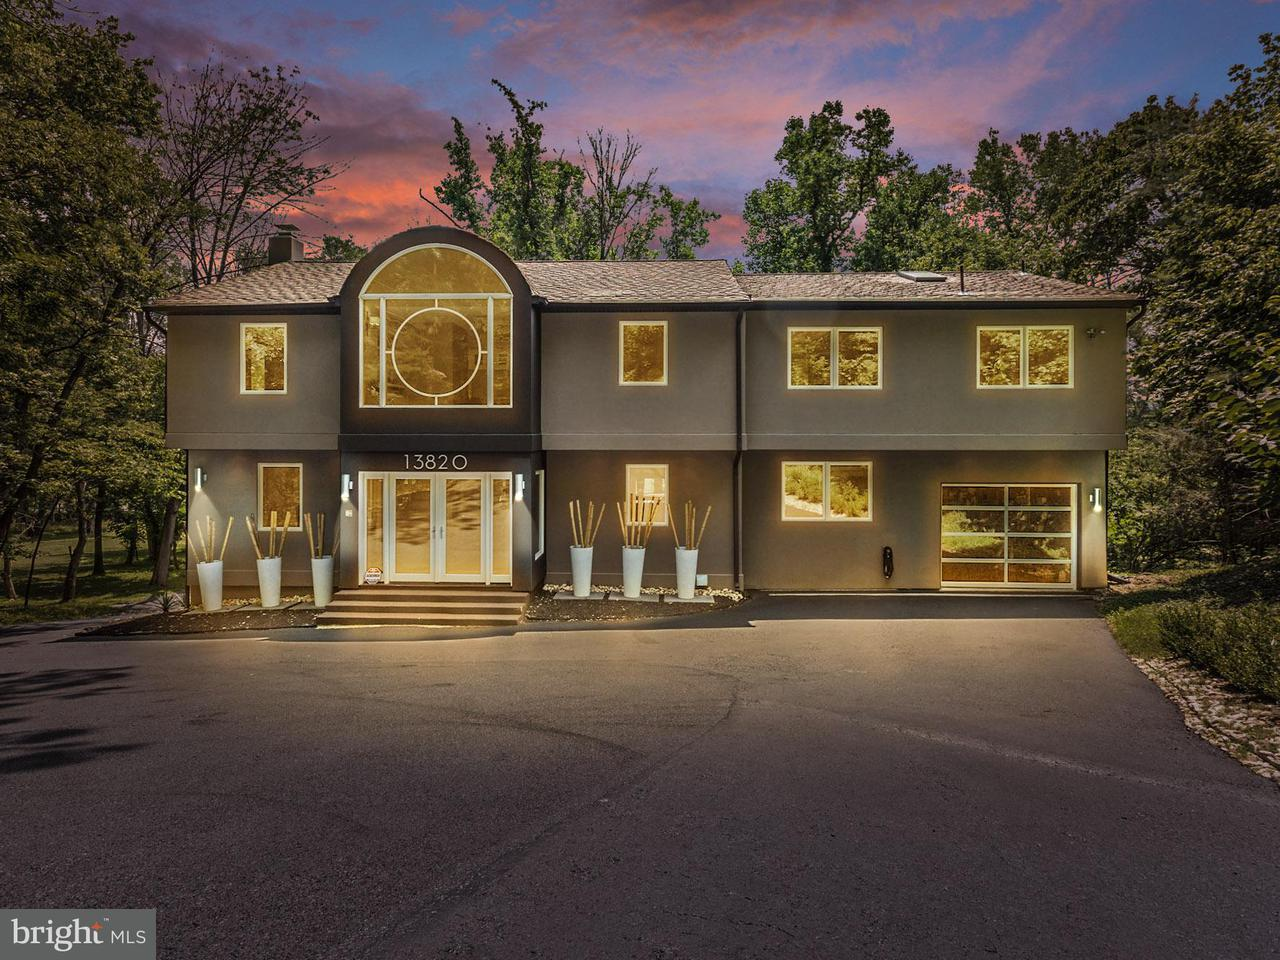 Частный односемейный дом для того Продажа на 13820 Piscataway Drive 13820 Piscataway Drive Fort Washington, Мэриленд 20744 Соединенные Штаты